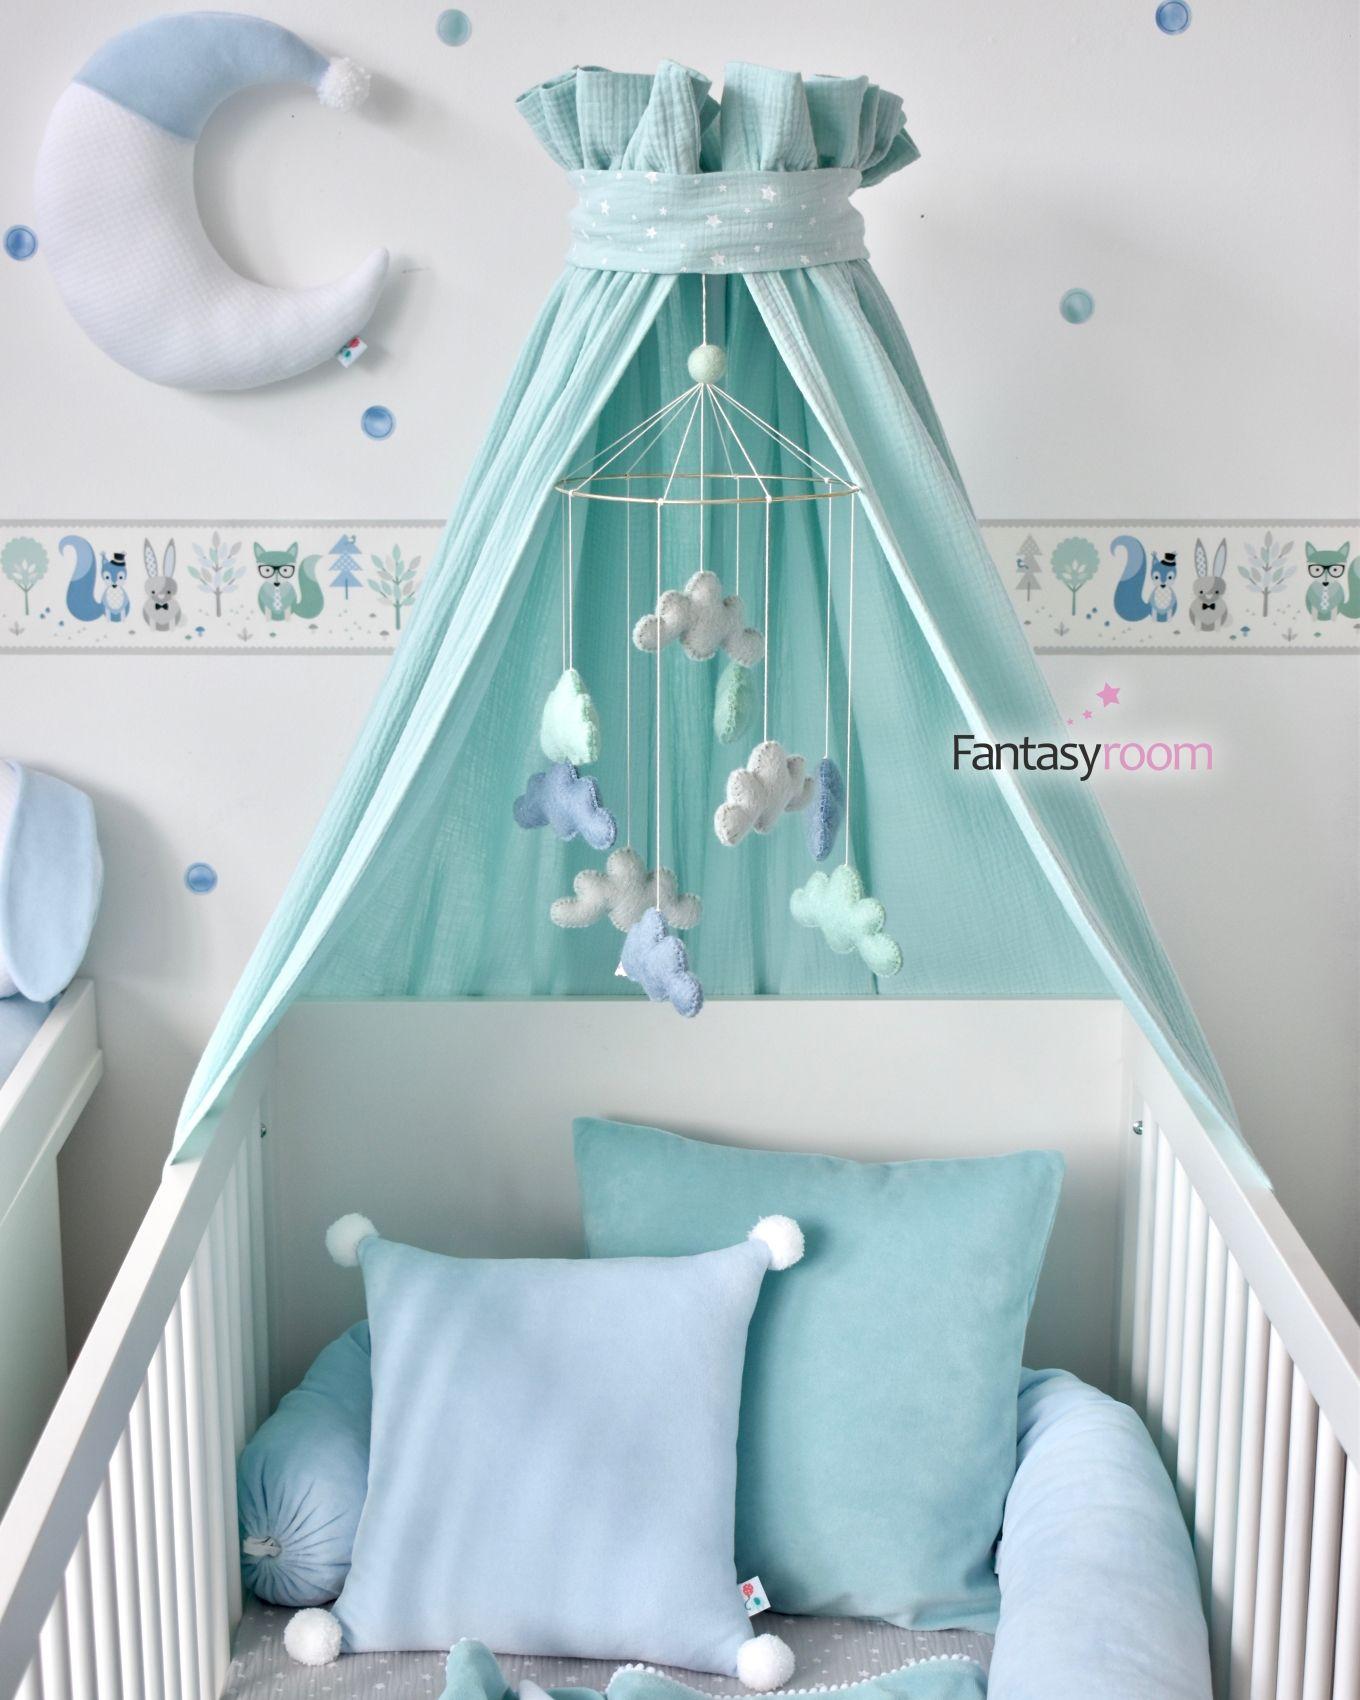 Babykissen aus Samt in Hellblau & Mint